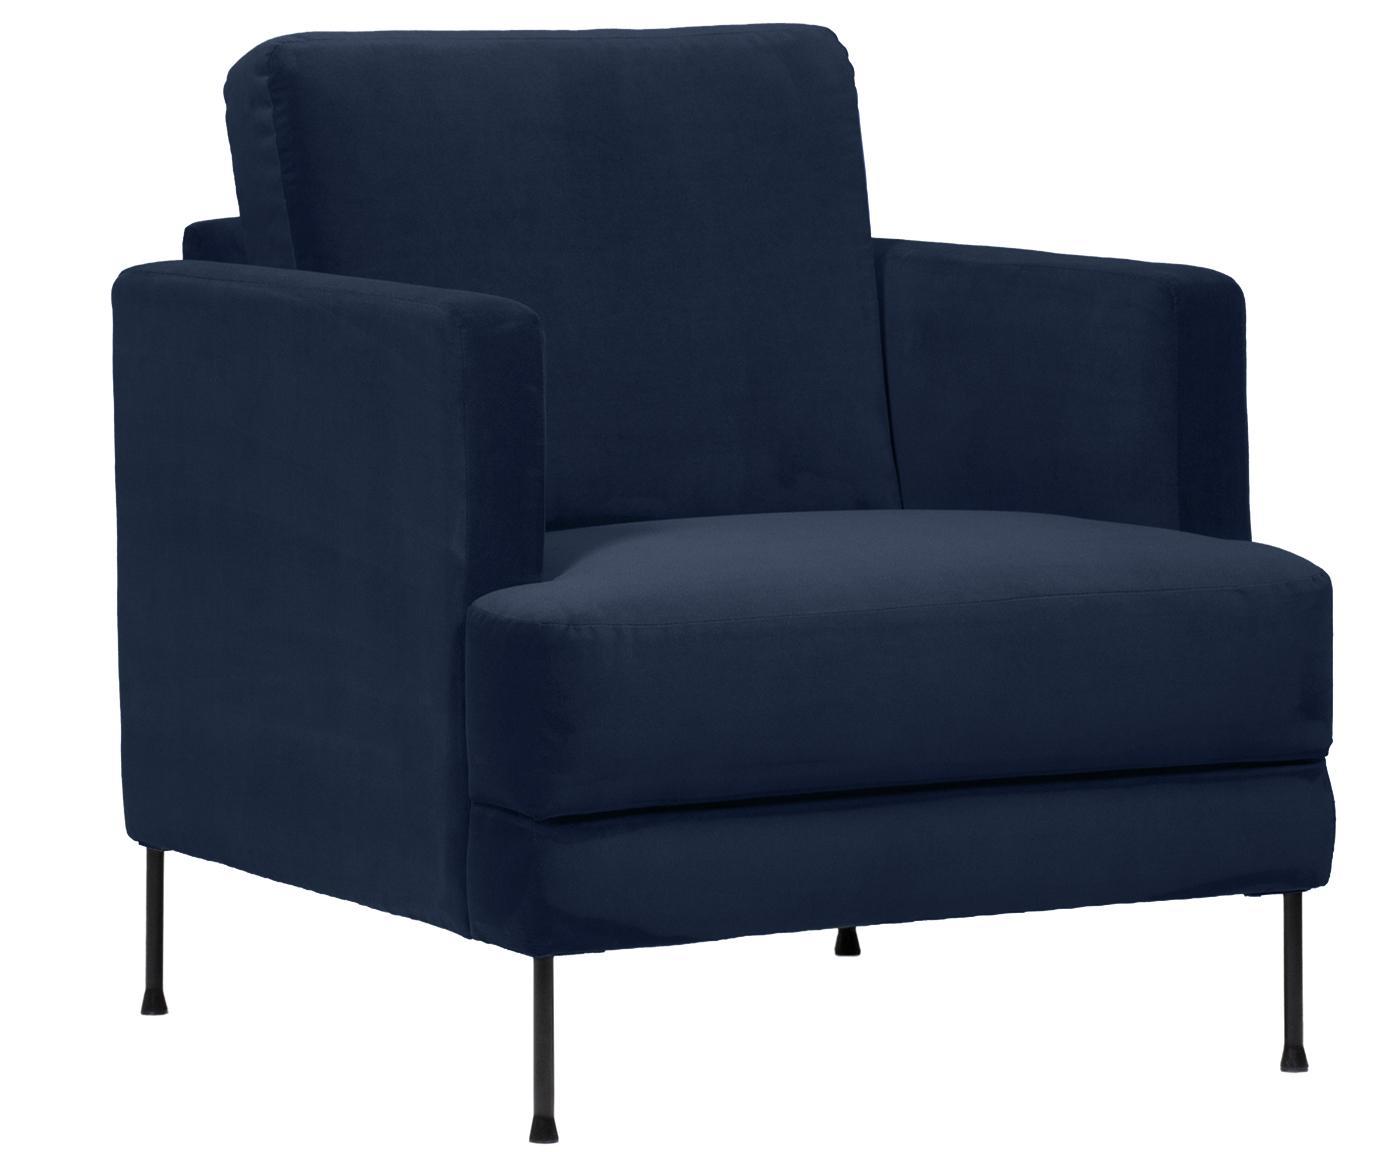 Sillón de terciopelo Fluente, Tapizado: terciopelo (tapizado de p, Estructura: madera de pino maciza, Patas: metal lacado, Terciopelo azul oscuro, An 76 x F 83 cm